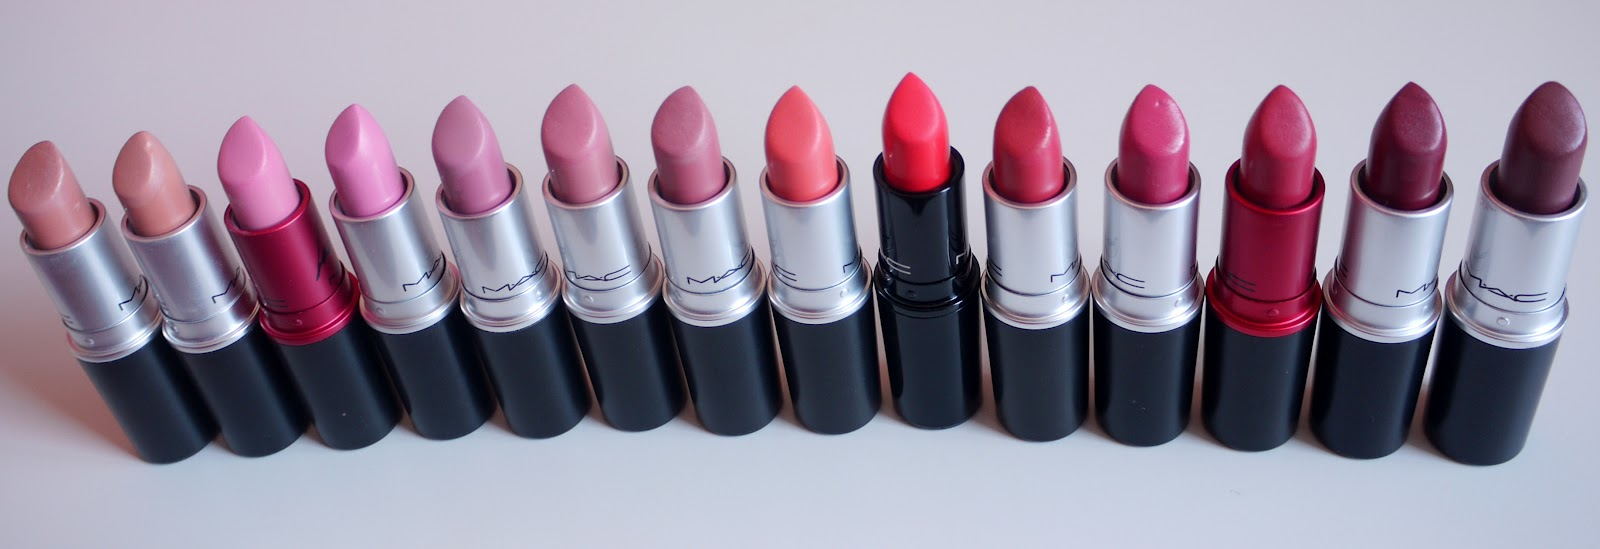 Rouges à lèvre MAC